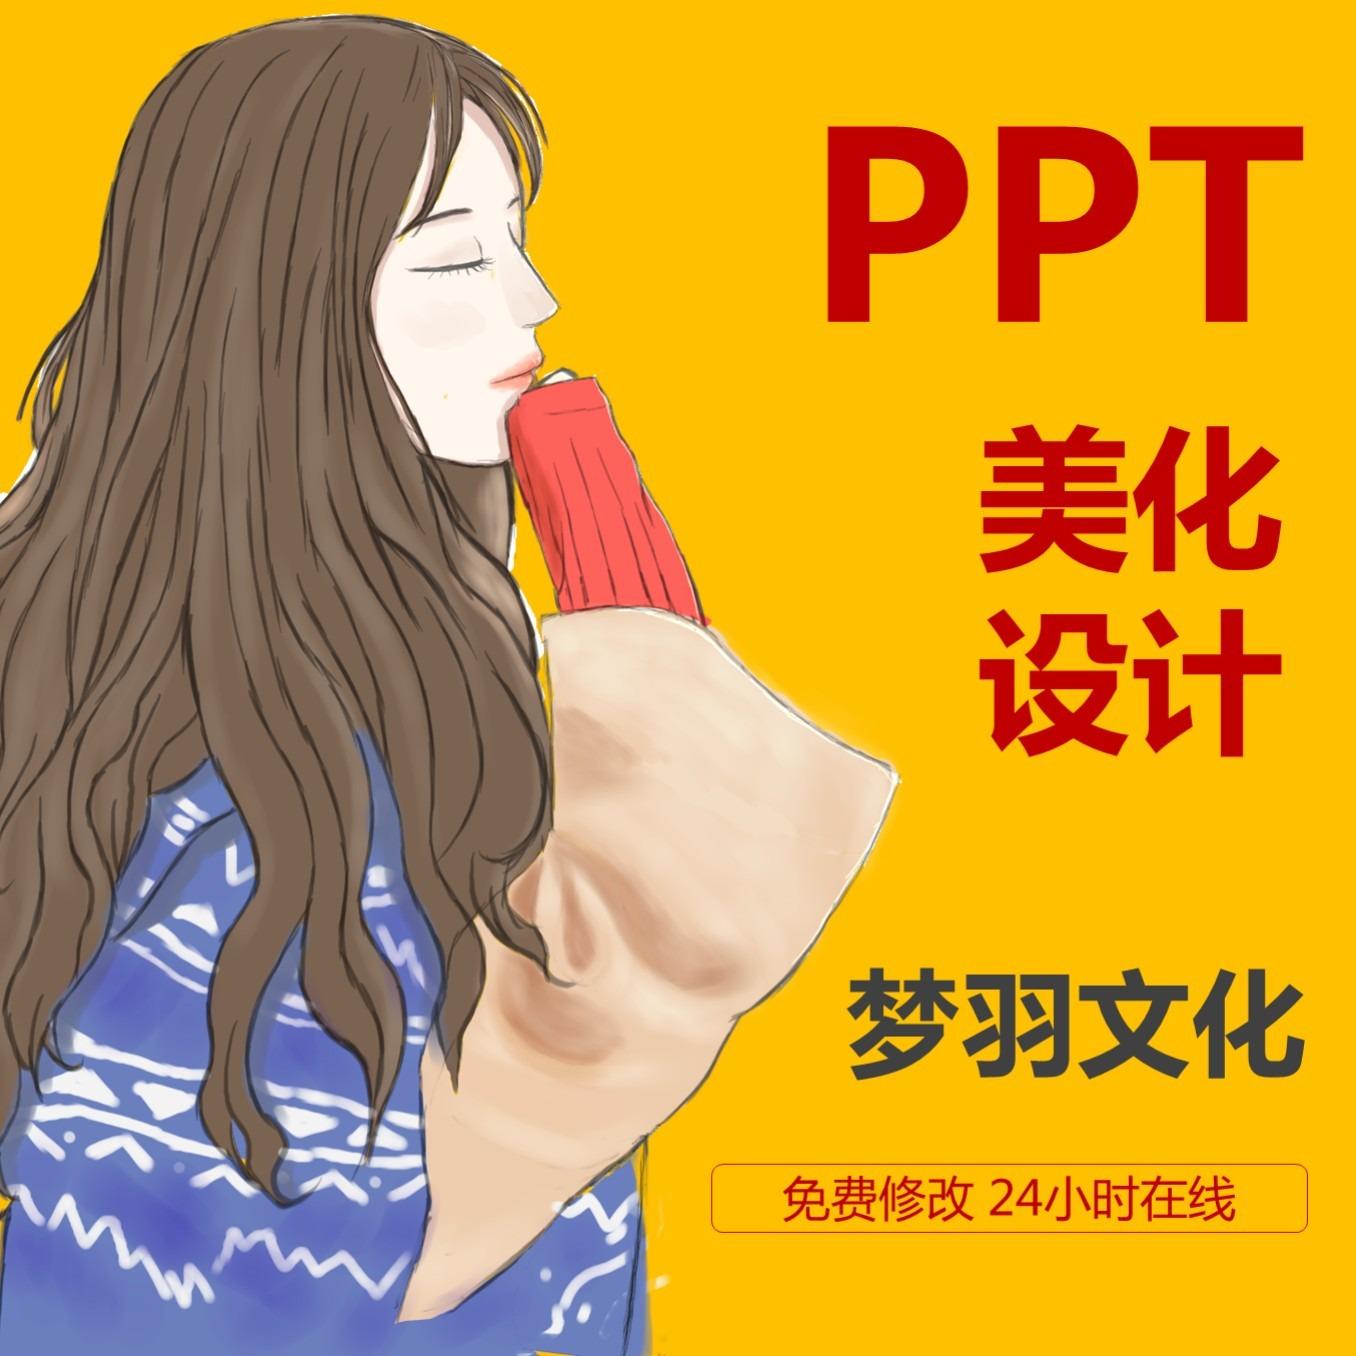 专业商务PPT制作设计ppt美化修改服务